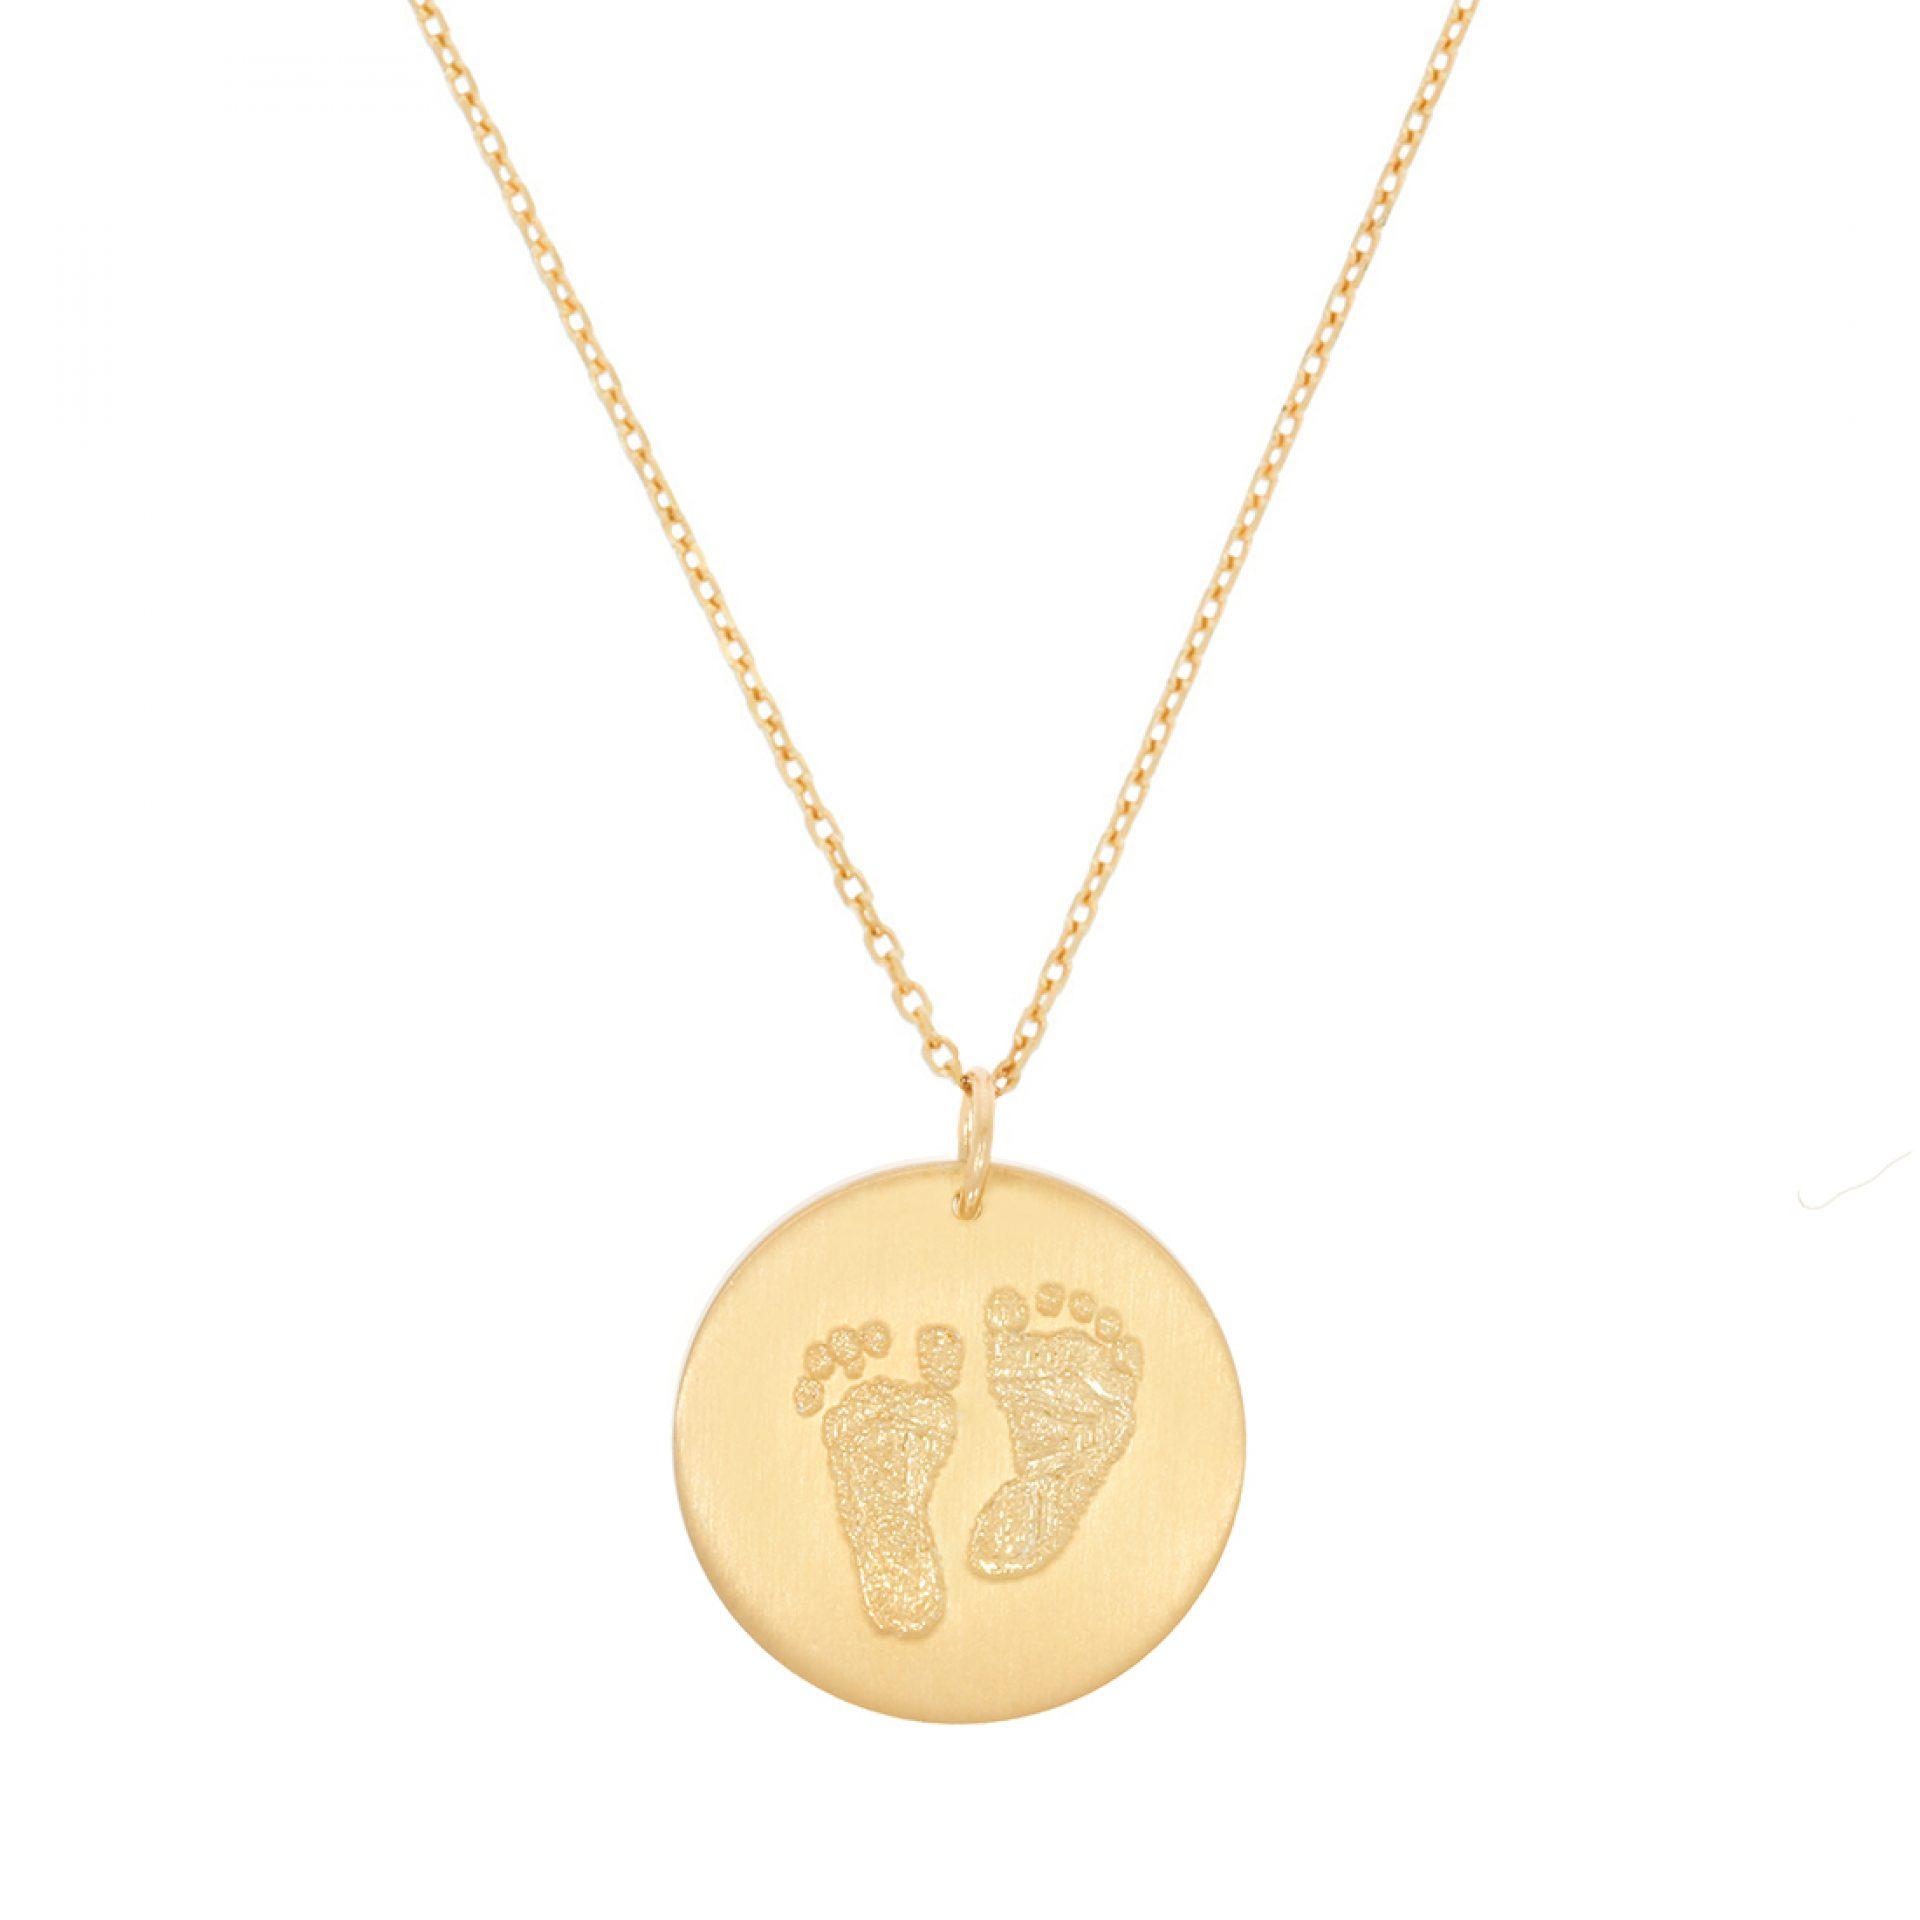 Halskette mit Babyfüsschen Gravur personalisiert